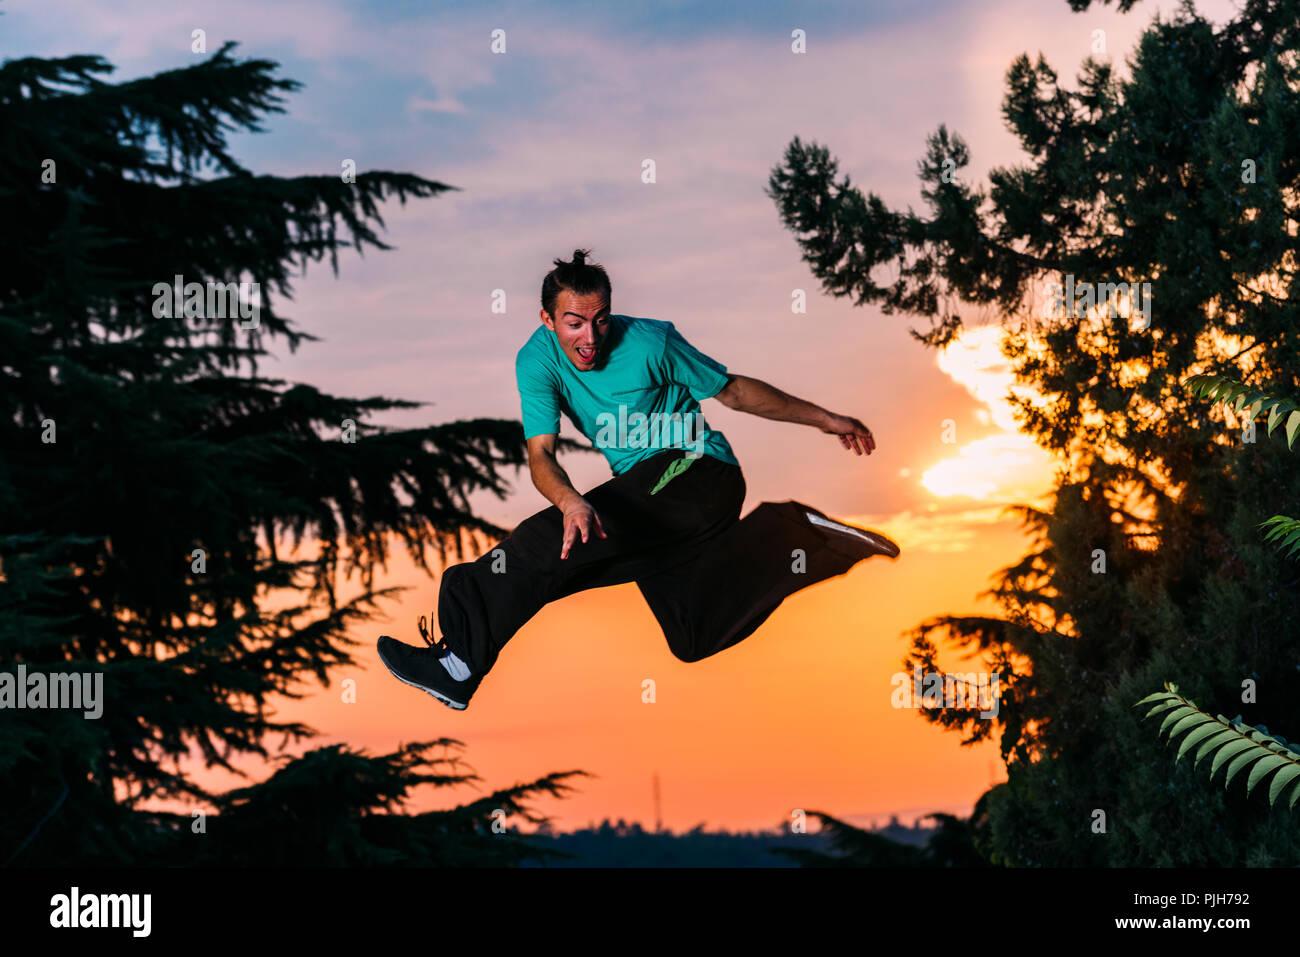 L'homme est Parkour parkour saut et effectuer le sport Photo Stock